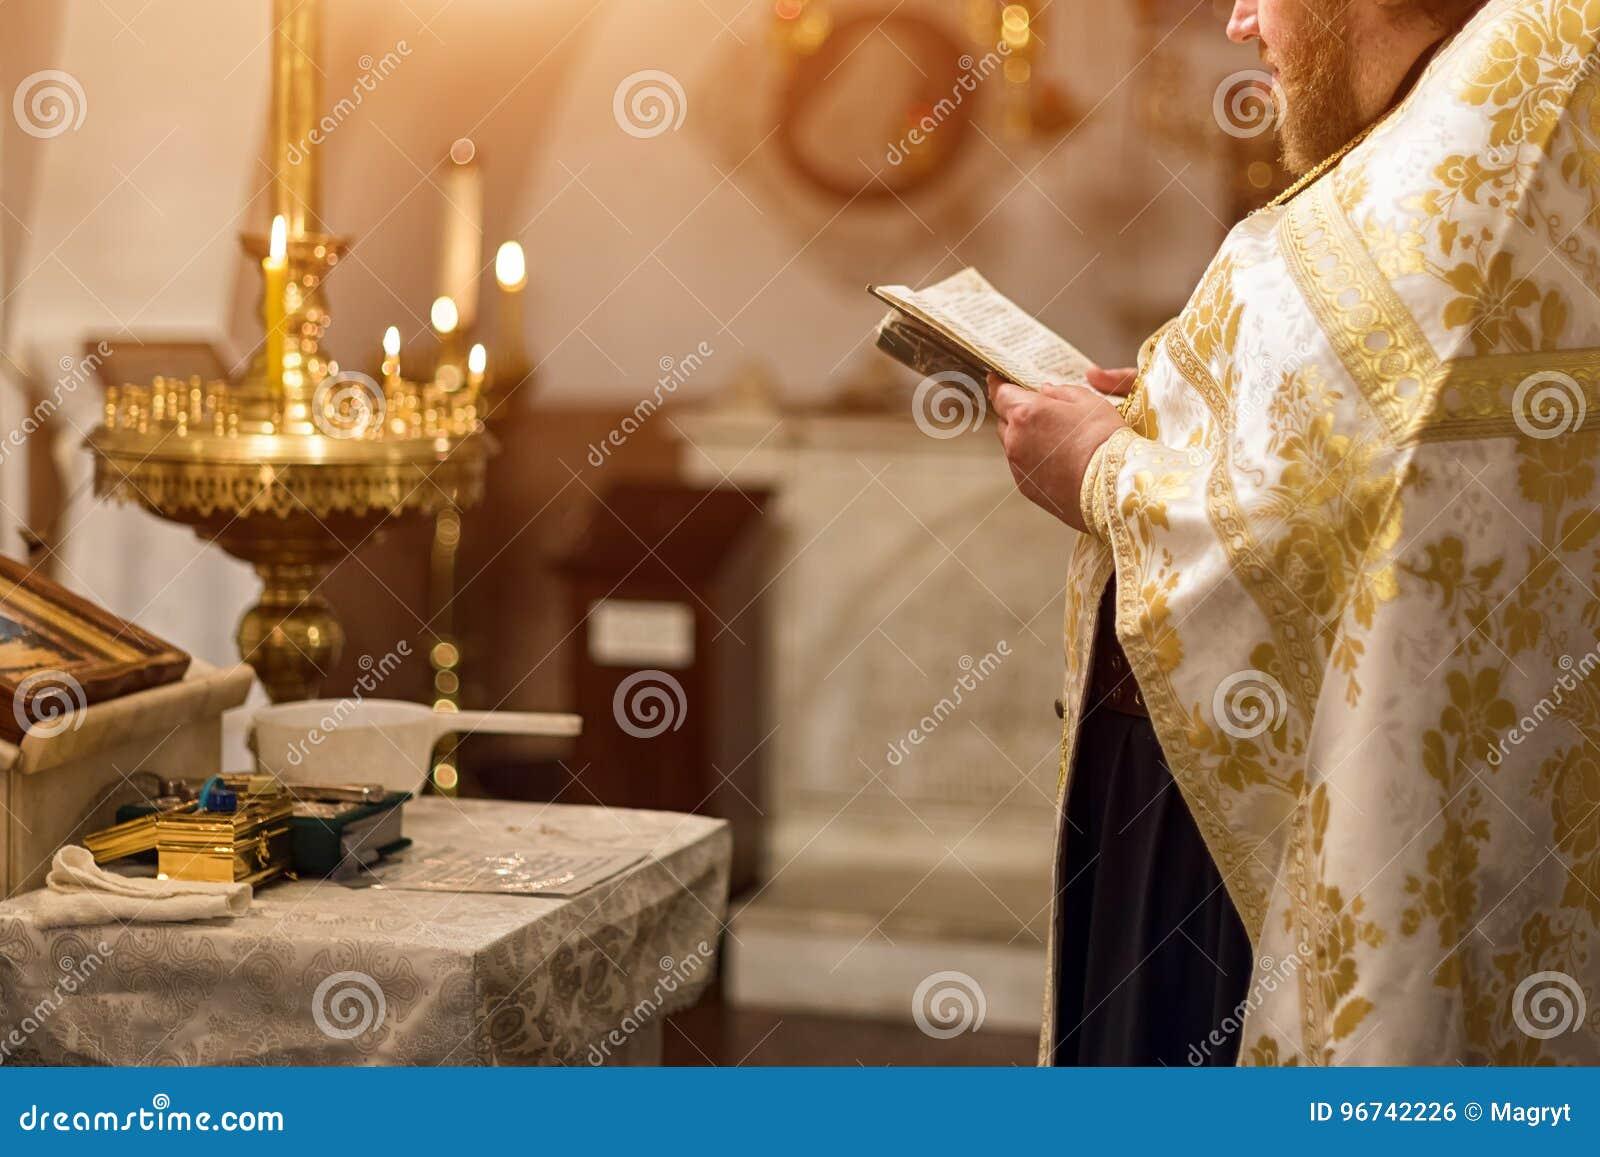 Ksiądz jest ubranym złocistego kontusz na ceremonii w chrześcijańskim katedralnym kościół, święty sakramentalny wydarzenie